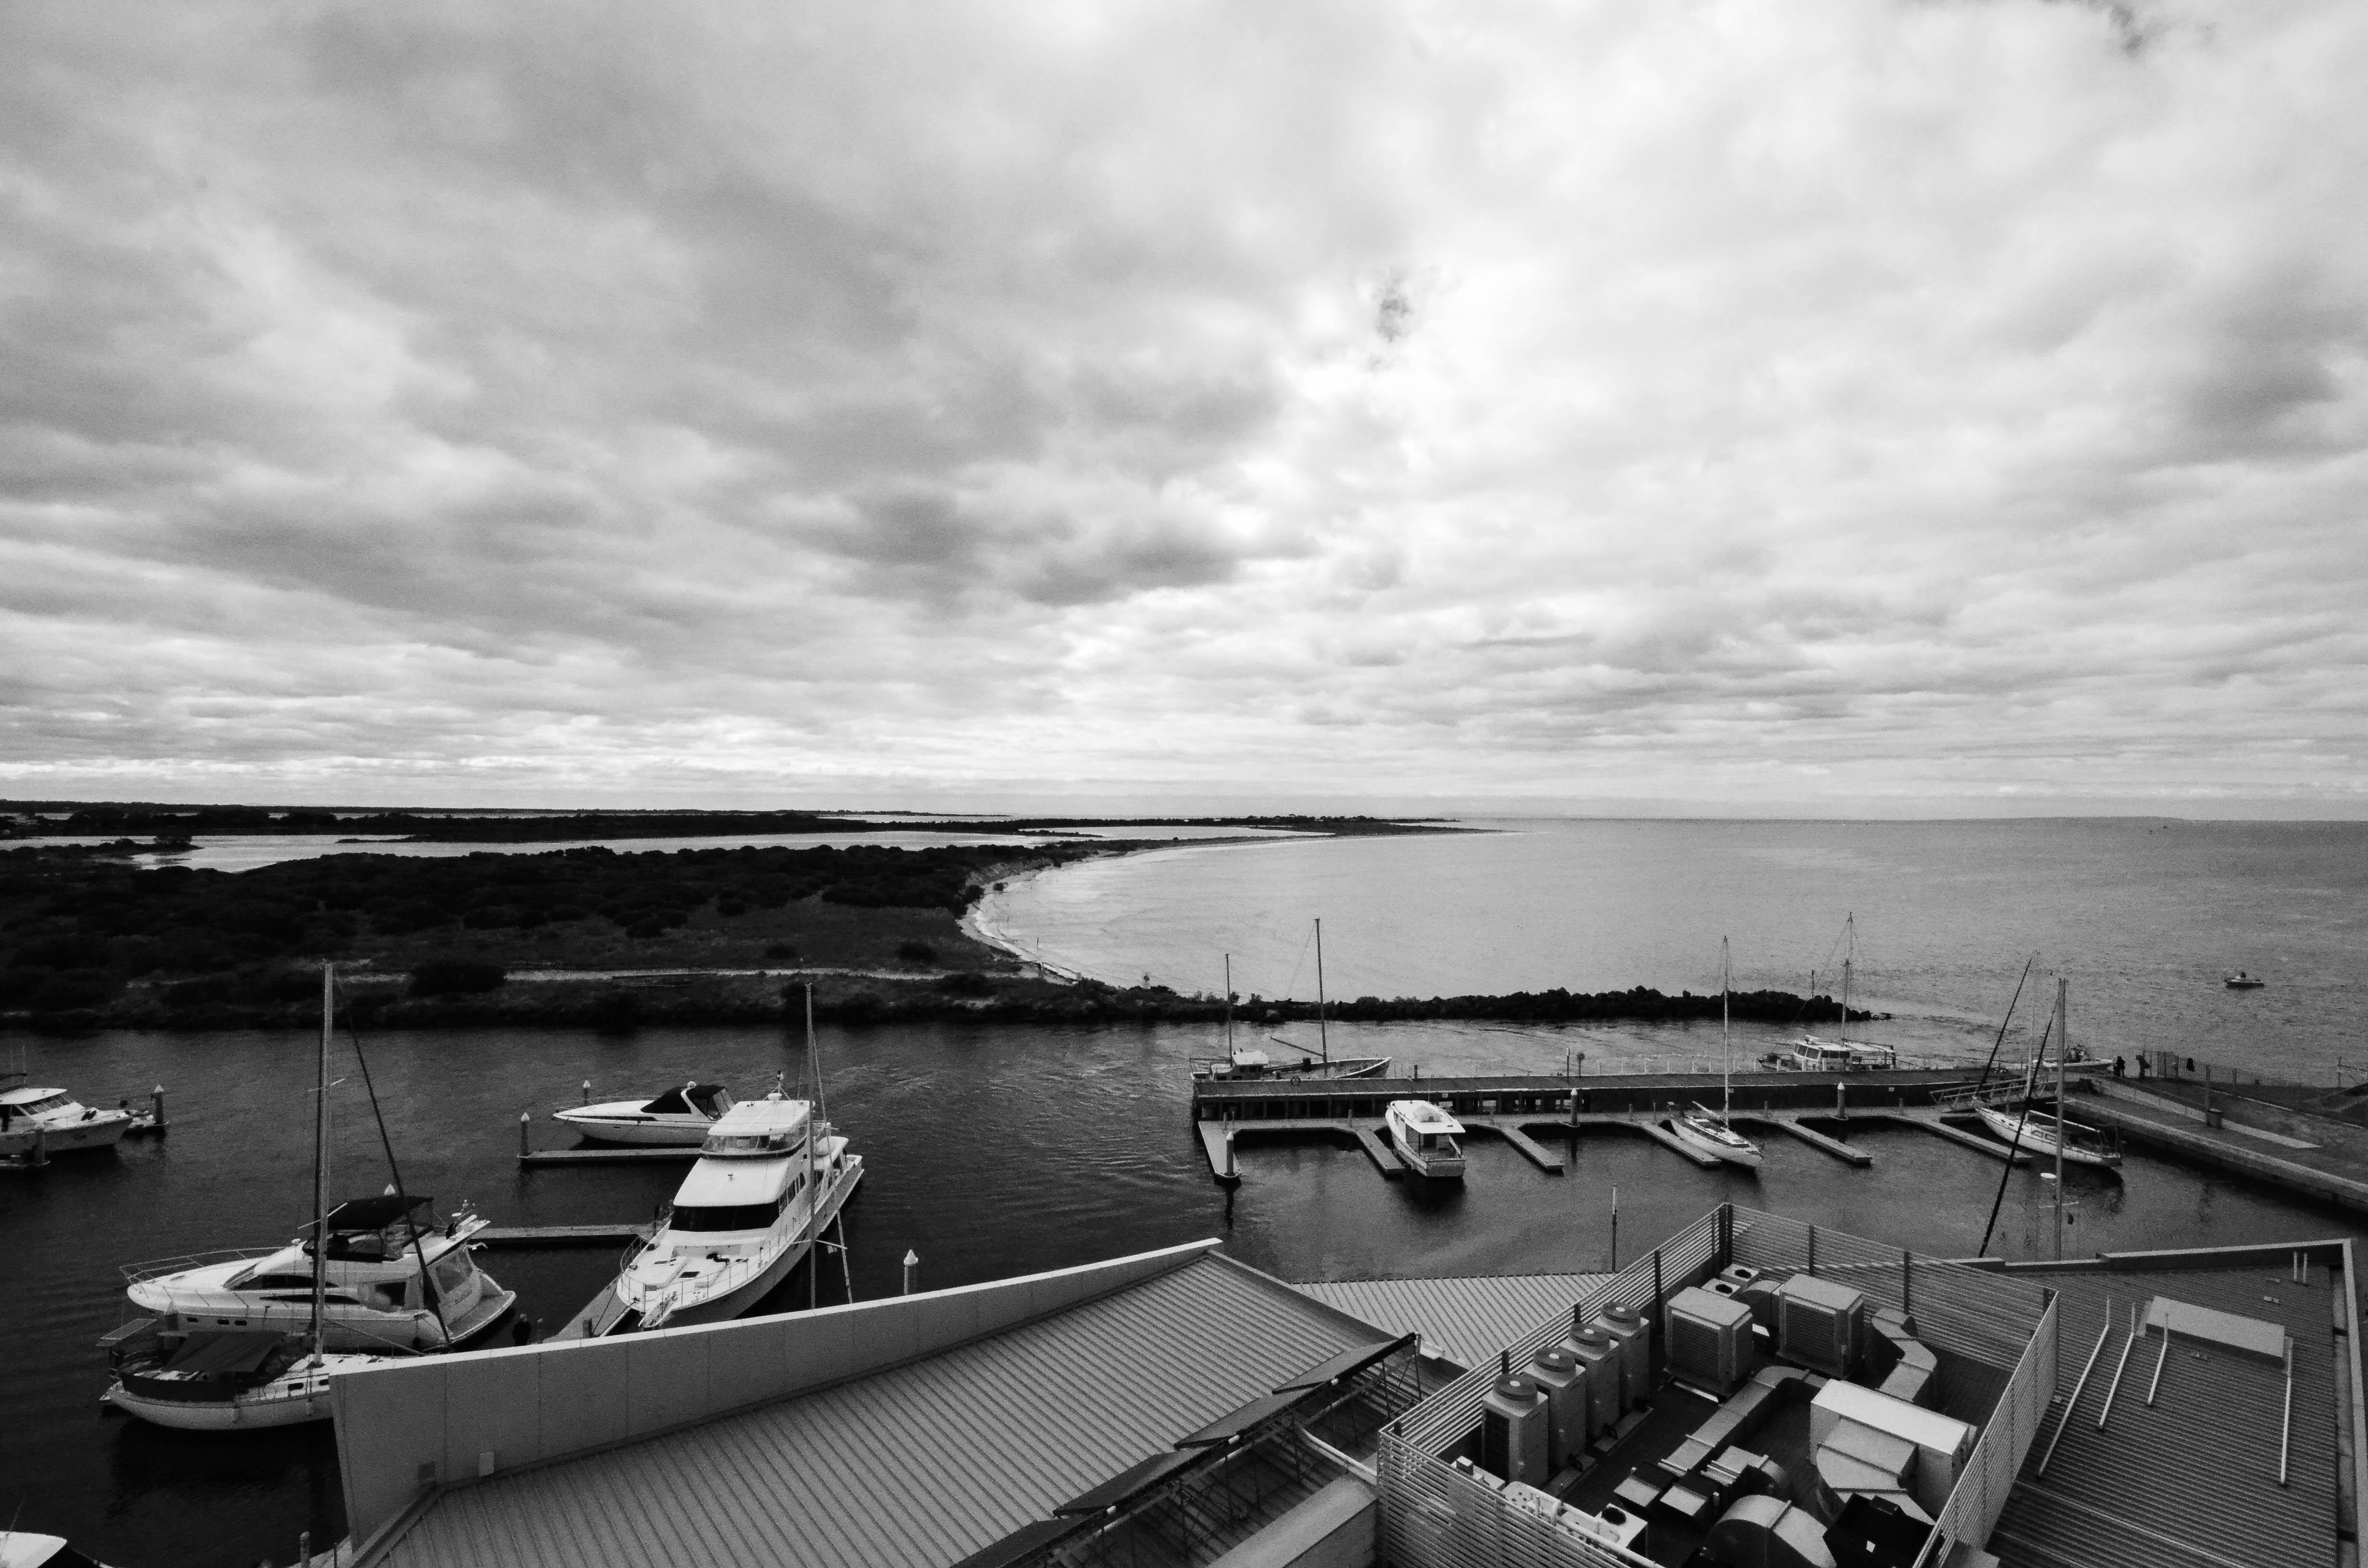 Queenscliff-At the harbour